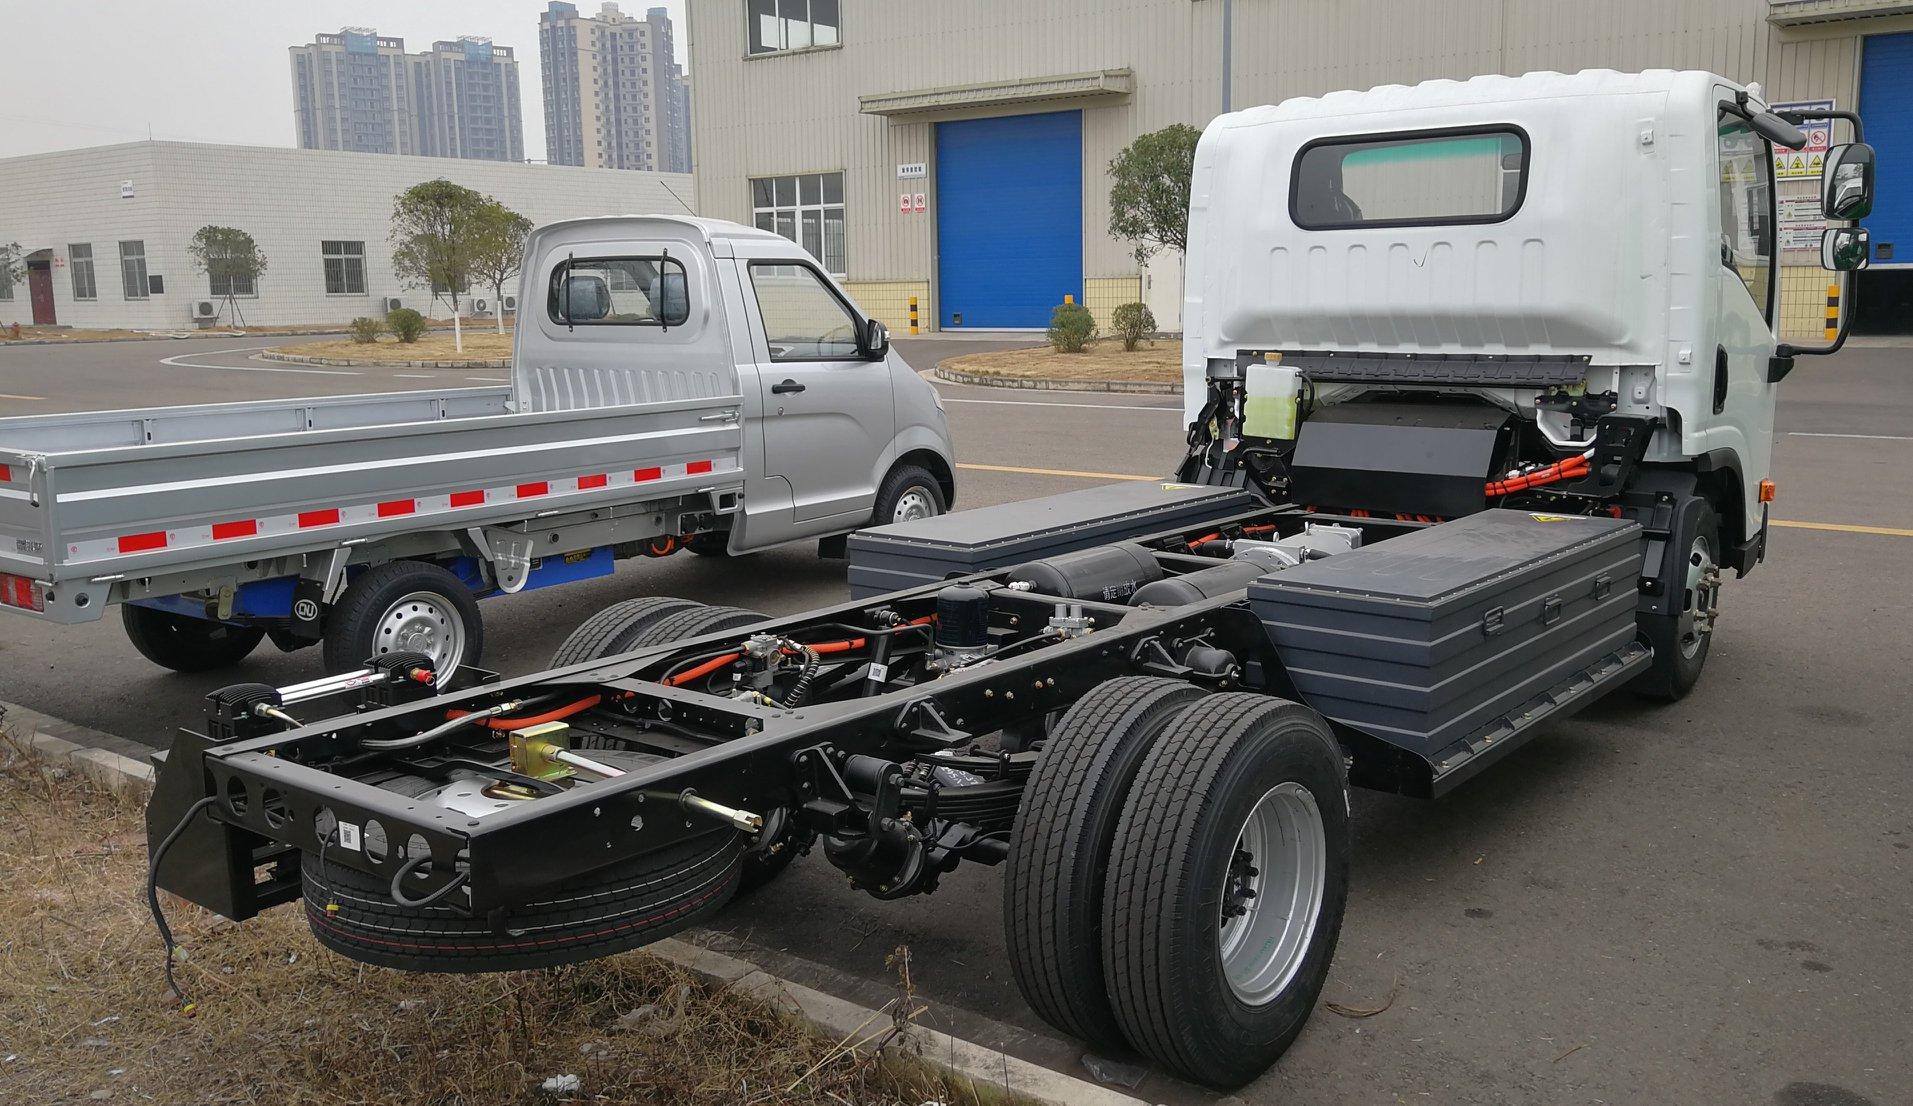 Cnj-elektrische-vrachtwagens-van-39-kwh-tot-93-kwh-met-lading-van-2-5-ton-tot-8-ton-2